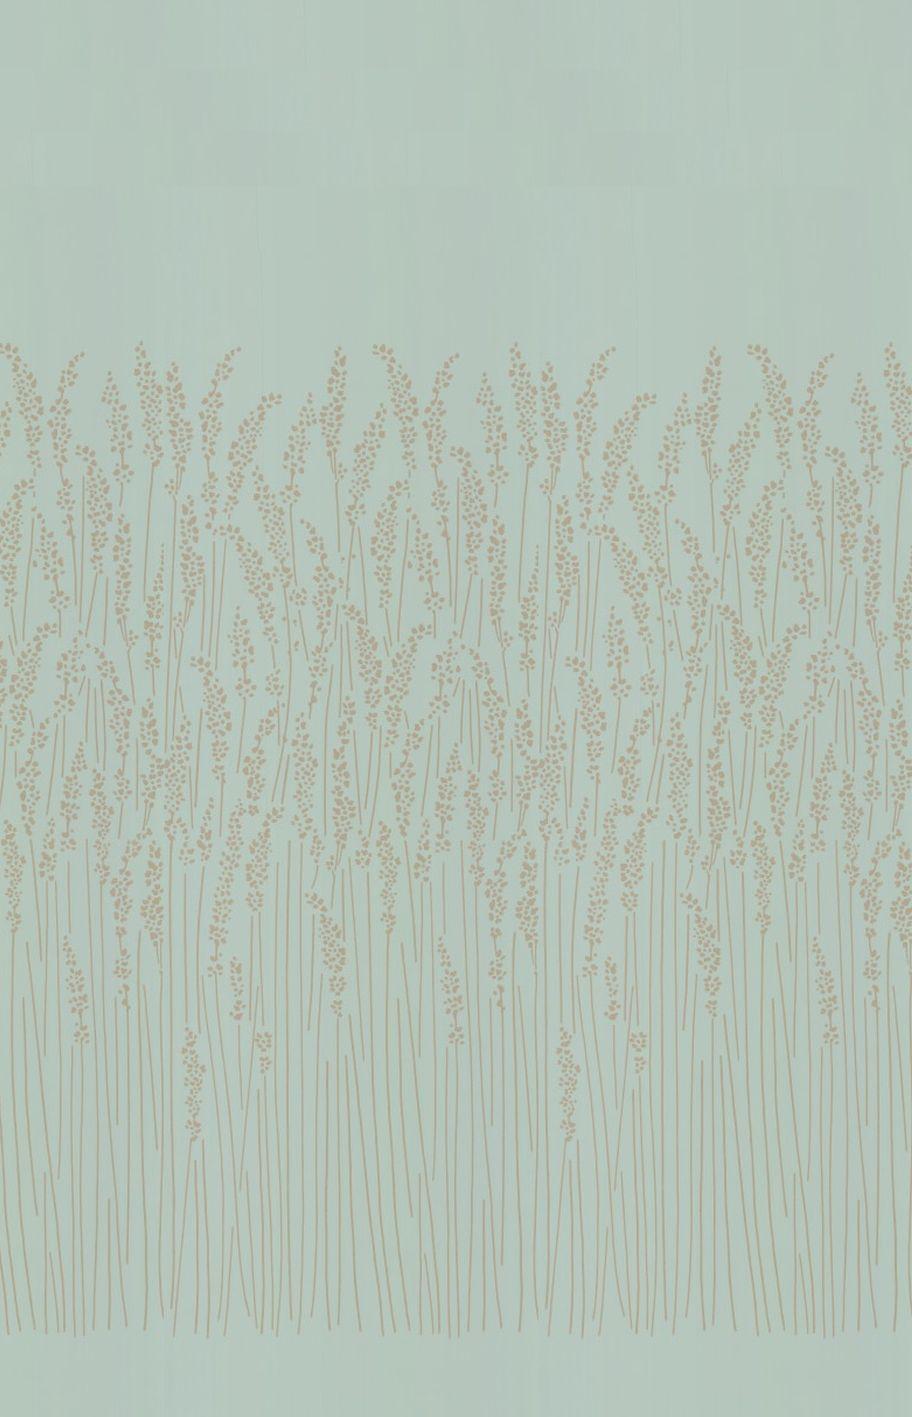 Feather Grass Wallpaper - Blue - by Farrow & Ball